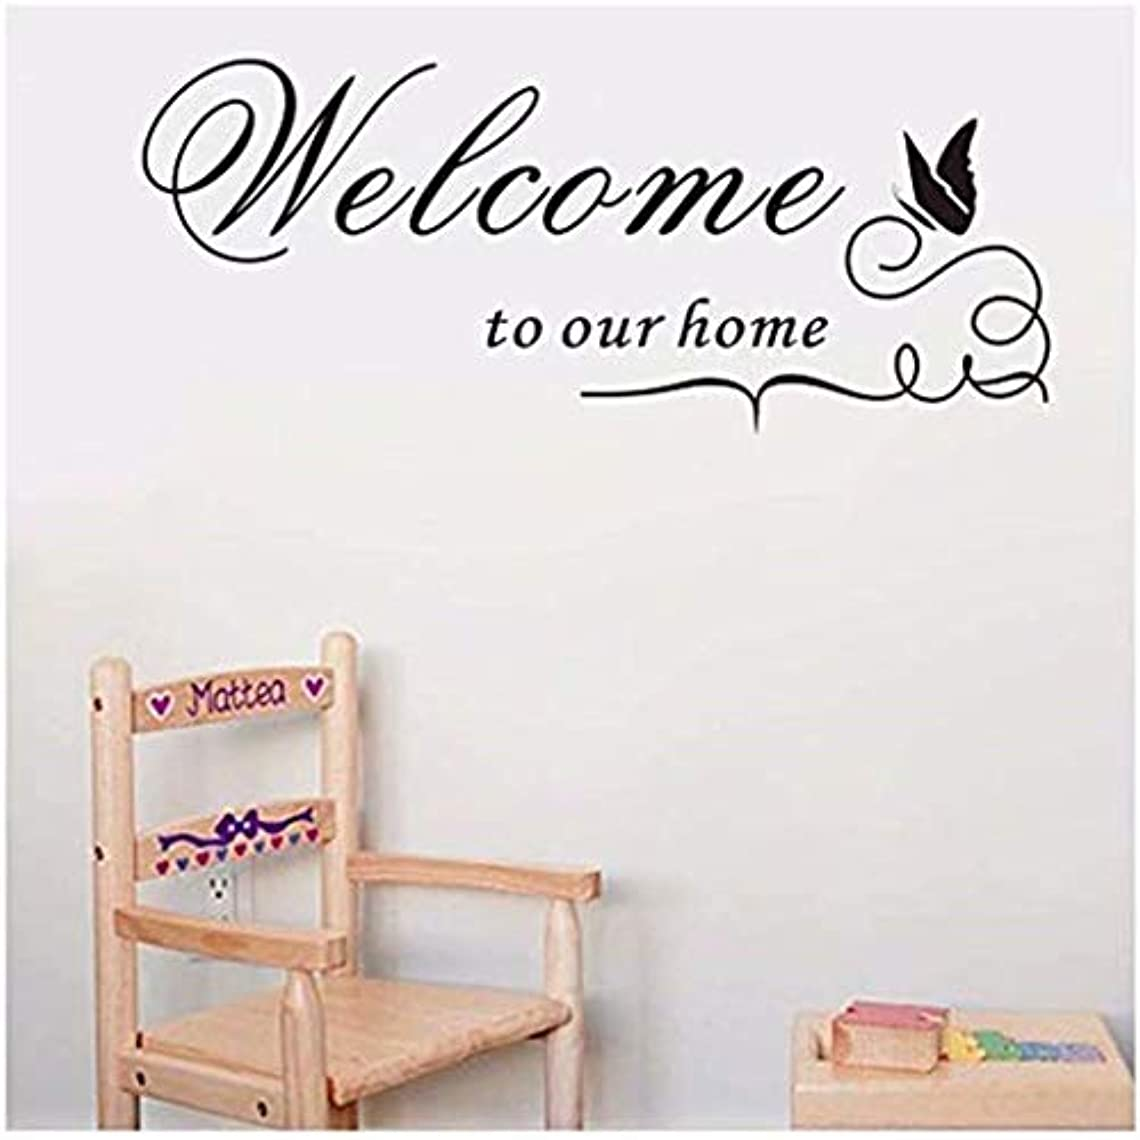 悲観主義者増強椅子七里の香 プレミアム ウォールステッカー 壁紙シール ウォールシールWelcome to Our Home 便利